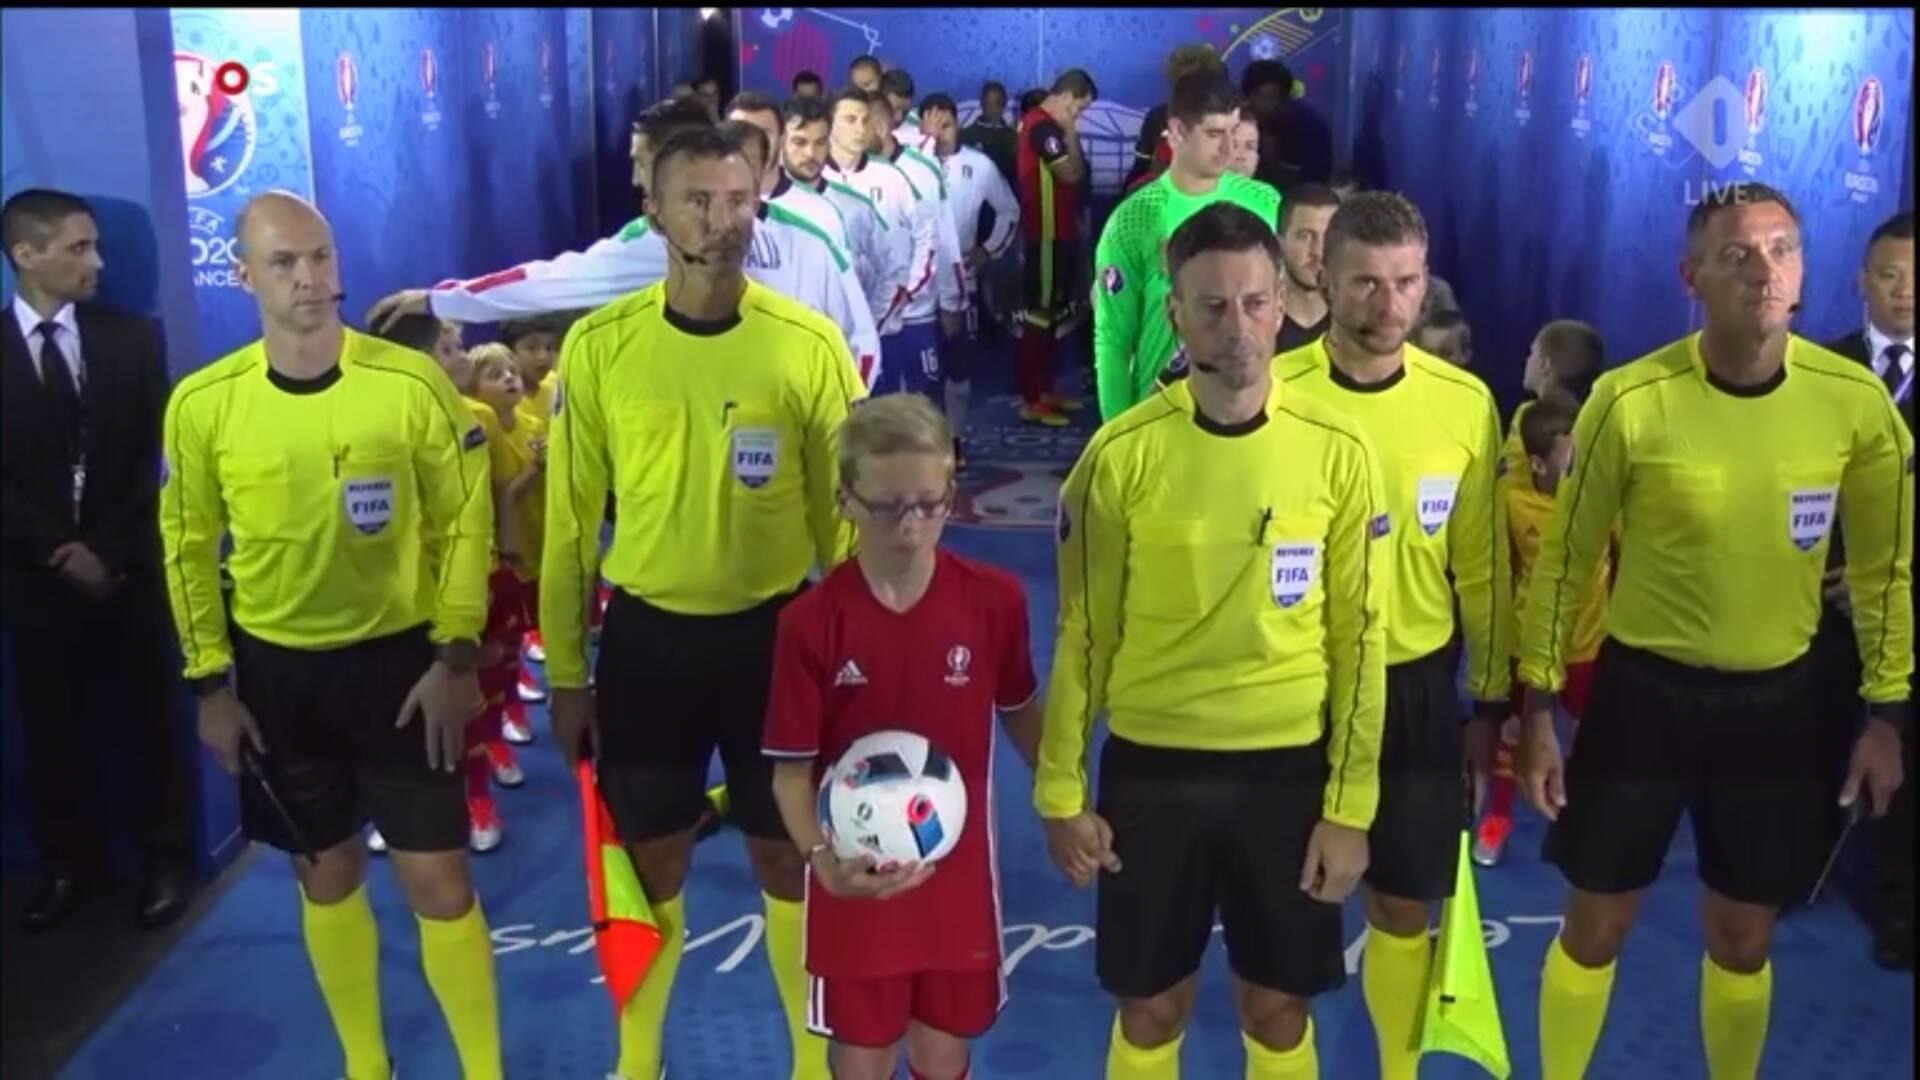 Referee World Cup Final 2016 Mark Clattenburg